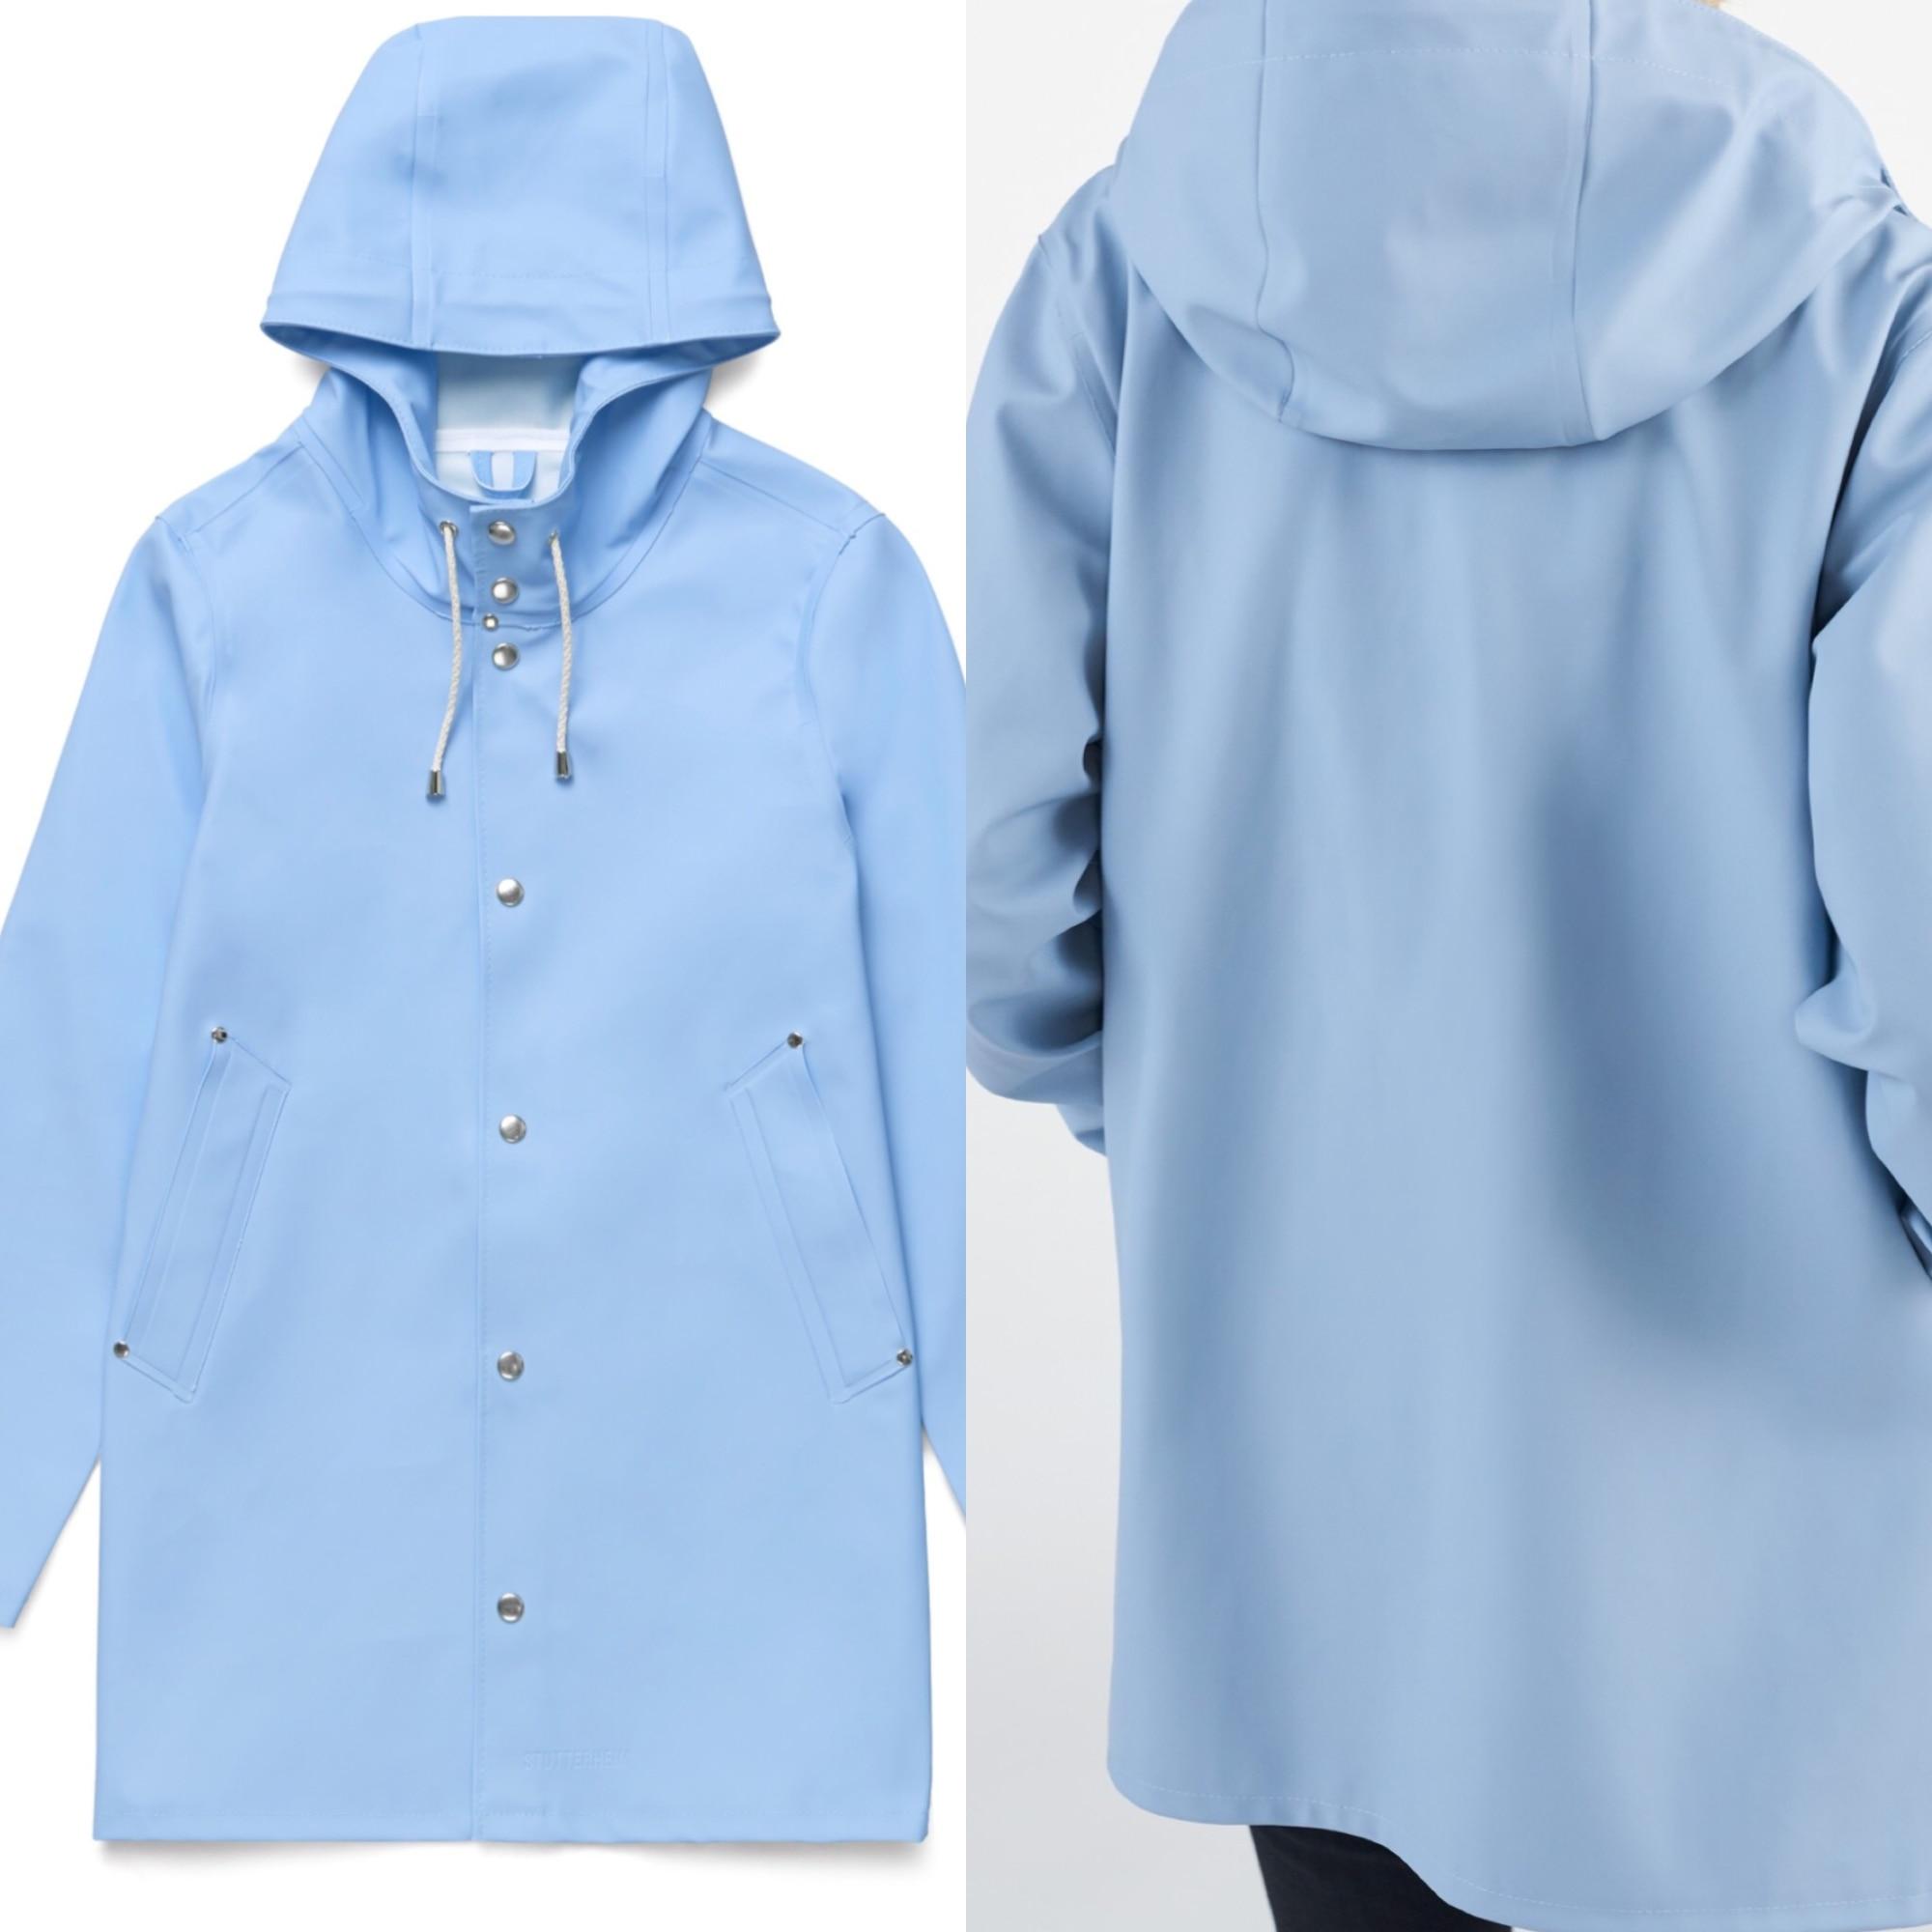 Imperméable, trench STUTTERHEIM Bleu, bleu marine, bleu turquoise